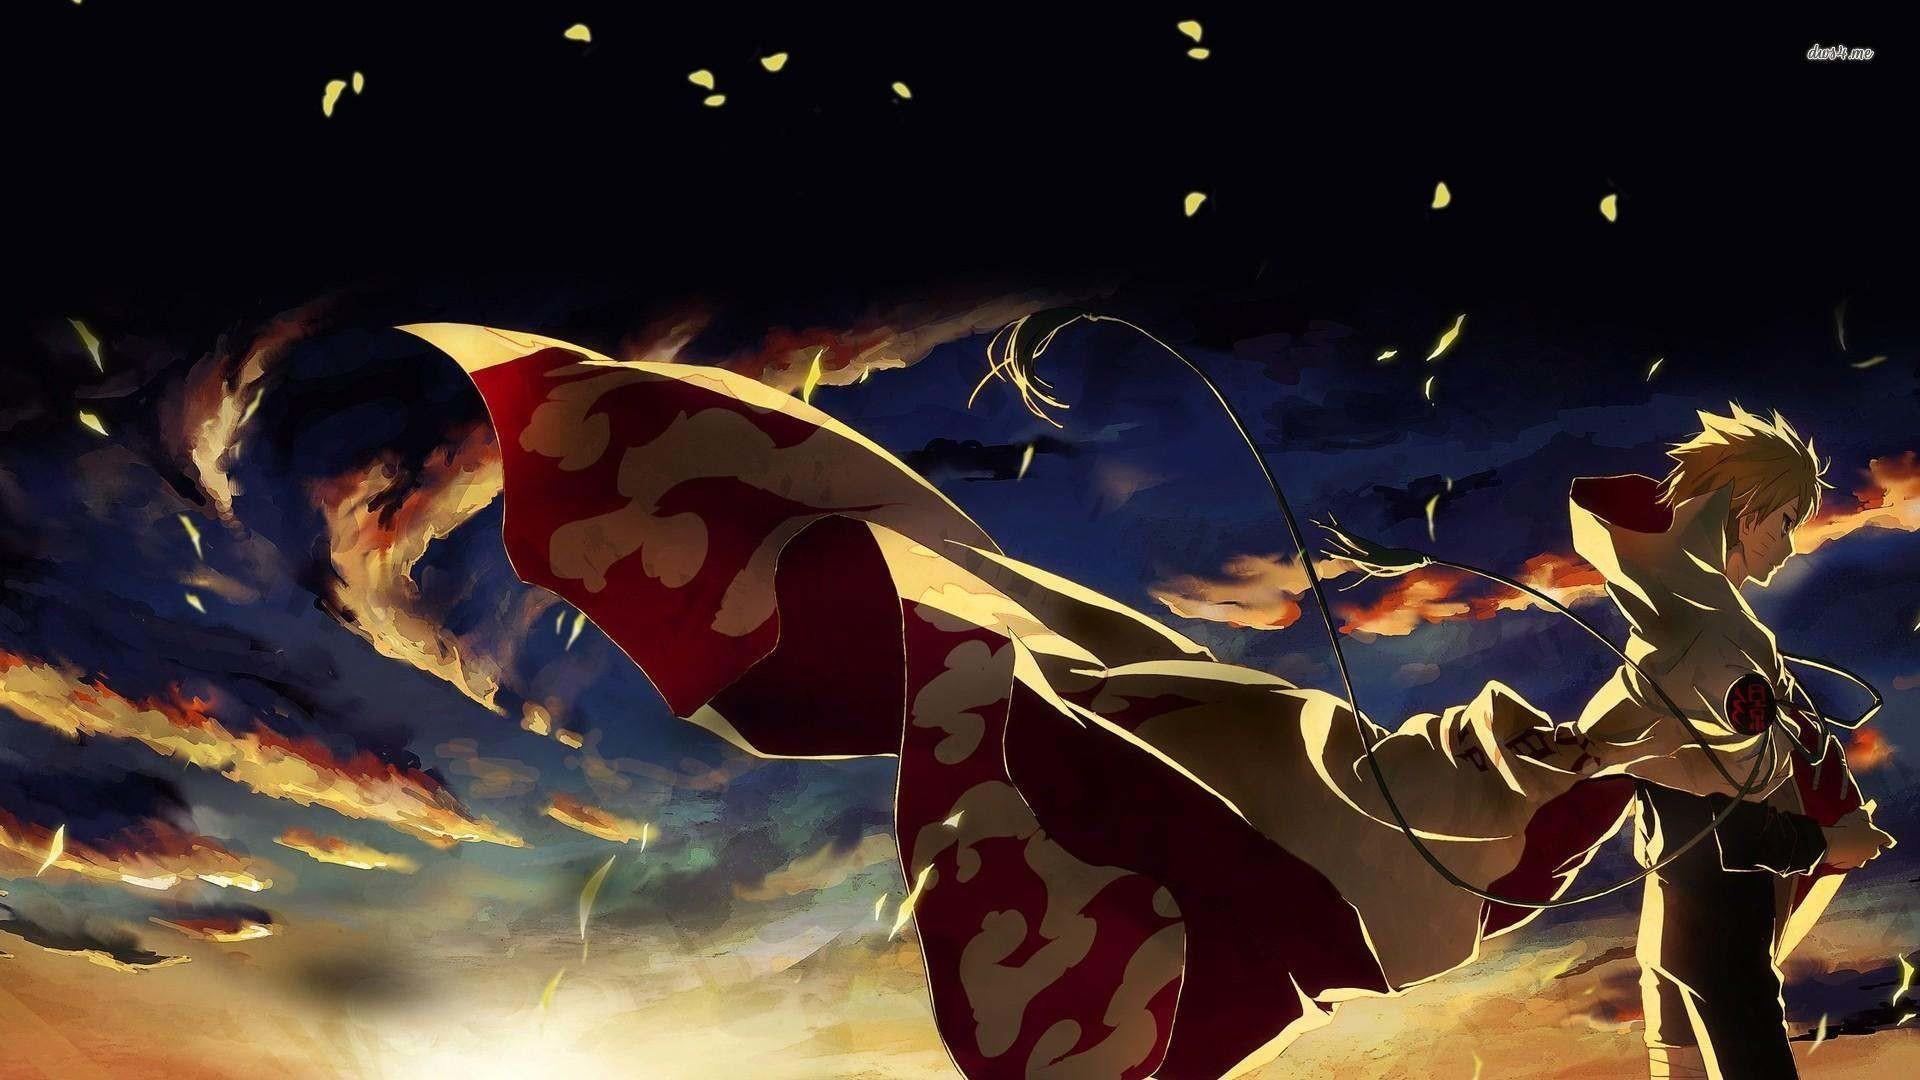 100 Wallpapers Naruto Shippuden Hd Fondos De Pantalla